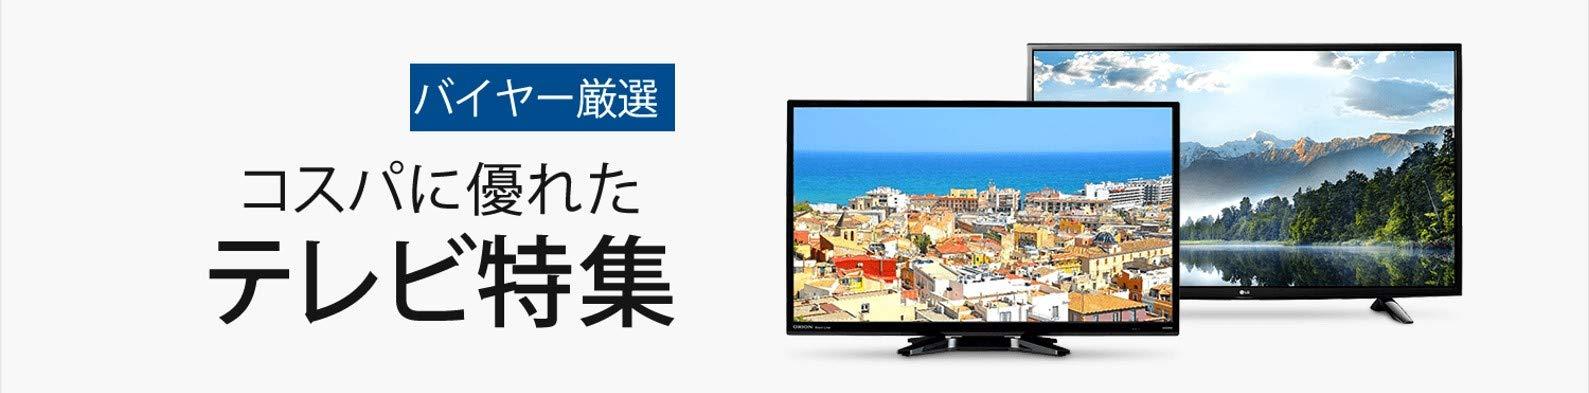 スマート テレビ 価格